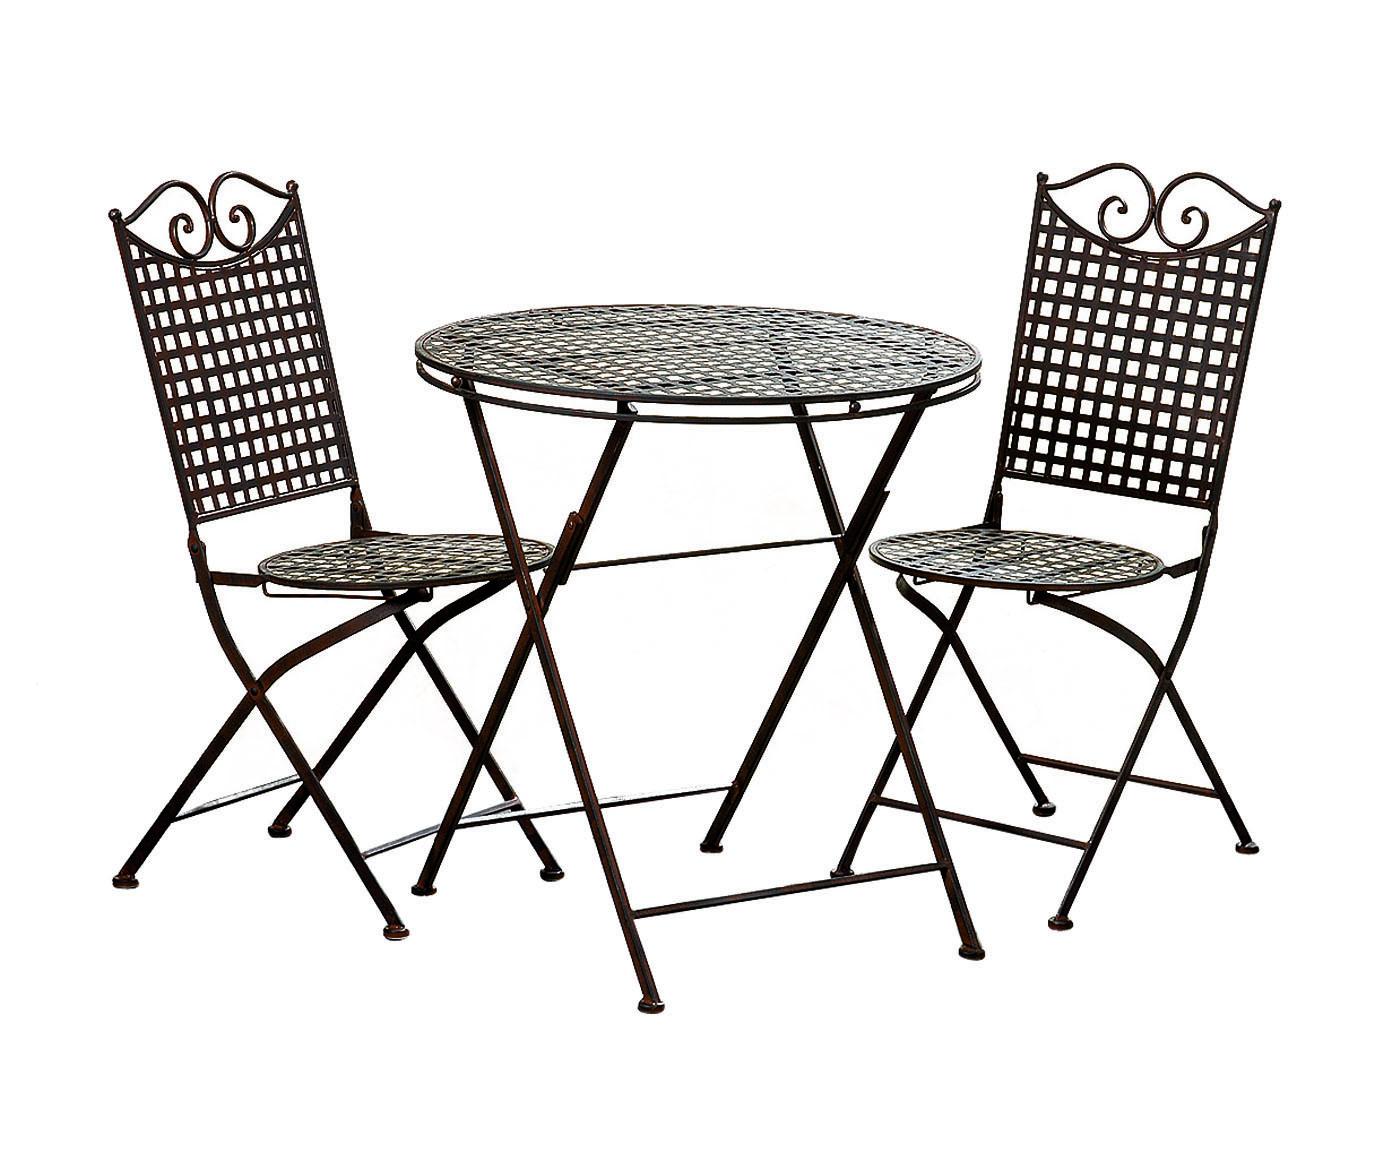 Набор садовой мебели LinaКомплекты уличной мебели<br>Элегантность и функциональность ? это идеальное сочетание объединилось при создании данного  комплекта садовой мебели.&amp;amp;nbsp;&amp;lt;div&amp;gt;&amp;lt;br&amp;gt;&amp;lt;/div&amp;gt;&amp;lt;div&amp;gt;В набор входят стол и 2 кресла.&amp;amp;nbsp;&amp;lt;/div&amp;gt;&amp;lt;div&amp;gt;Размеры столика: высота 74, диаметр 70;&amp;amp;nbsp;&amp;lt;/div&amp;gt;&amp;lt;div&amp;gt;Размеры стульев: высота 91, диаметр 38.&amp;lt;/div&amp;gt;&amp;lt;div&amp;gt;&amp;lt;br&amp;gt;&amp;lt;/div&amp;gt;<br><br>Material: Металл<br>Height см: 74<br>Diameter см: 70